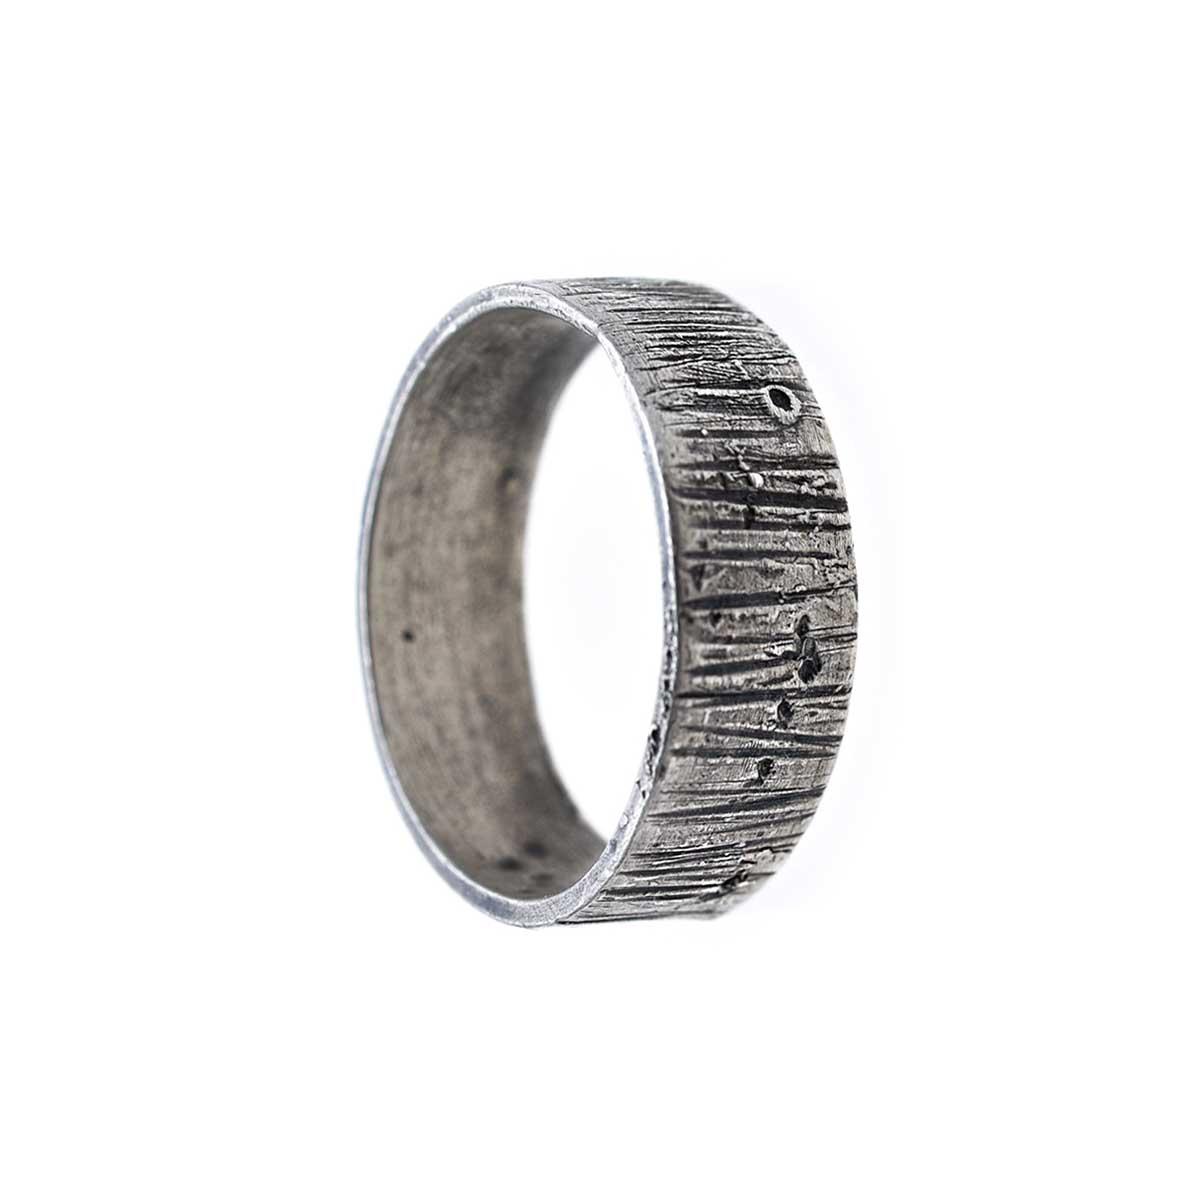 Silver ring handmade by Katerina Glinou